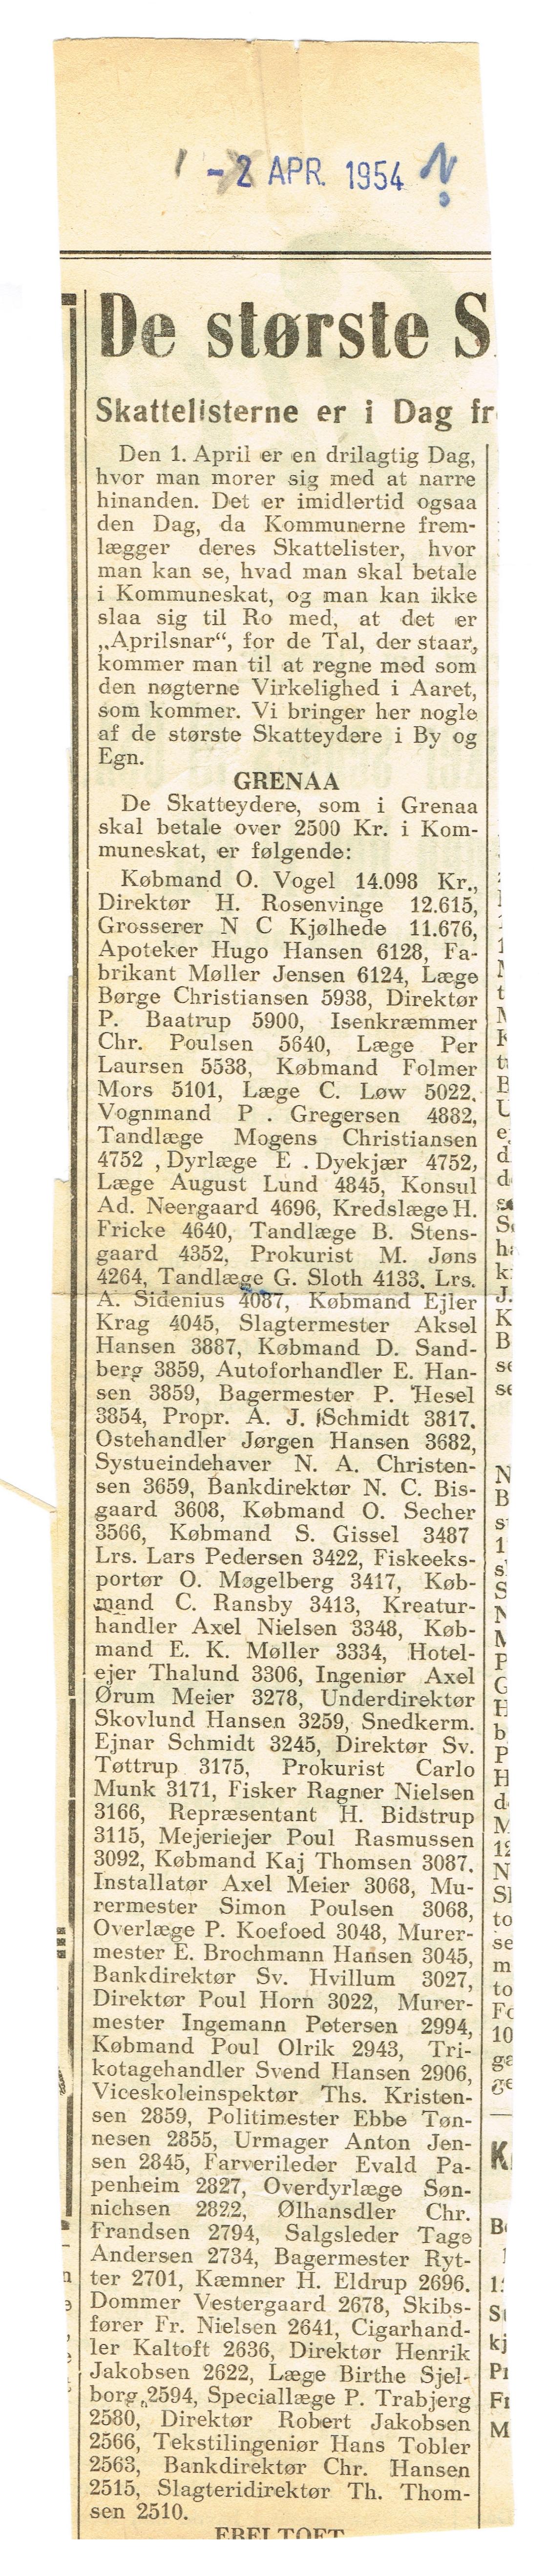 Skatteliste 1954